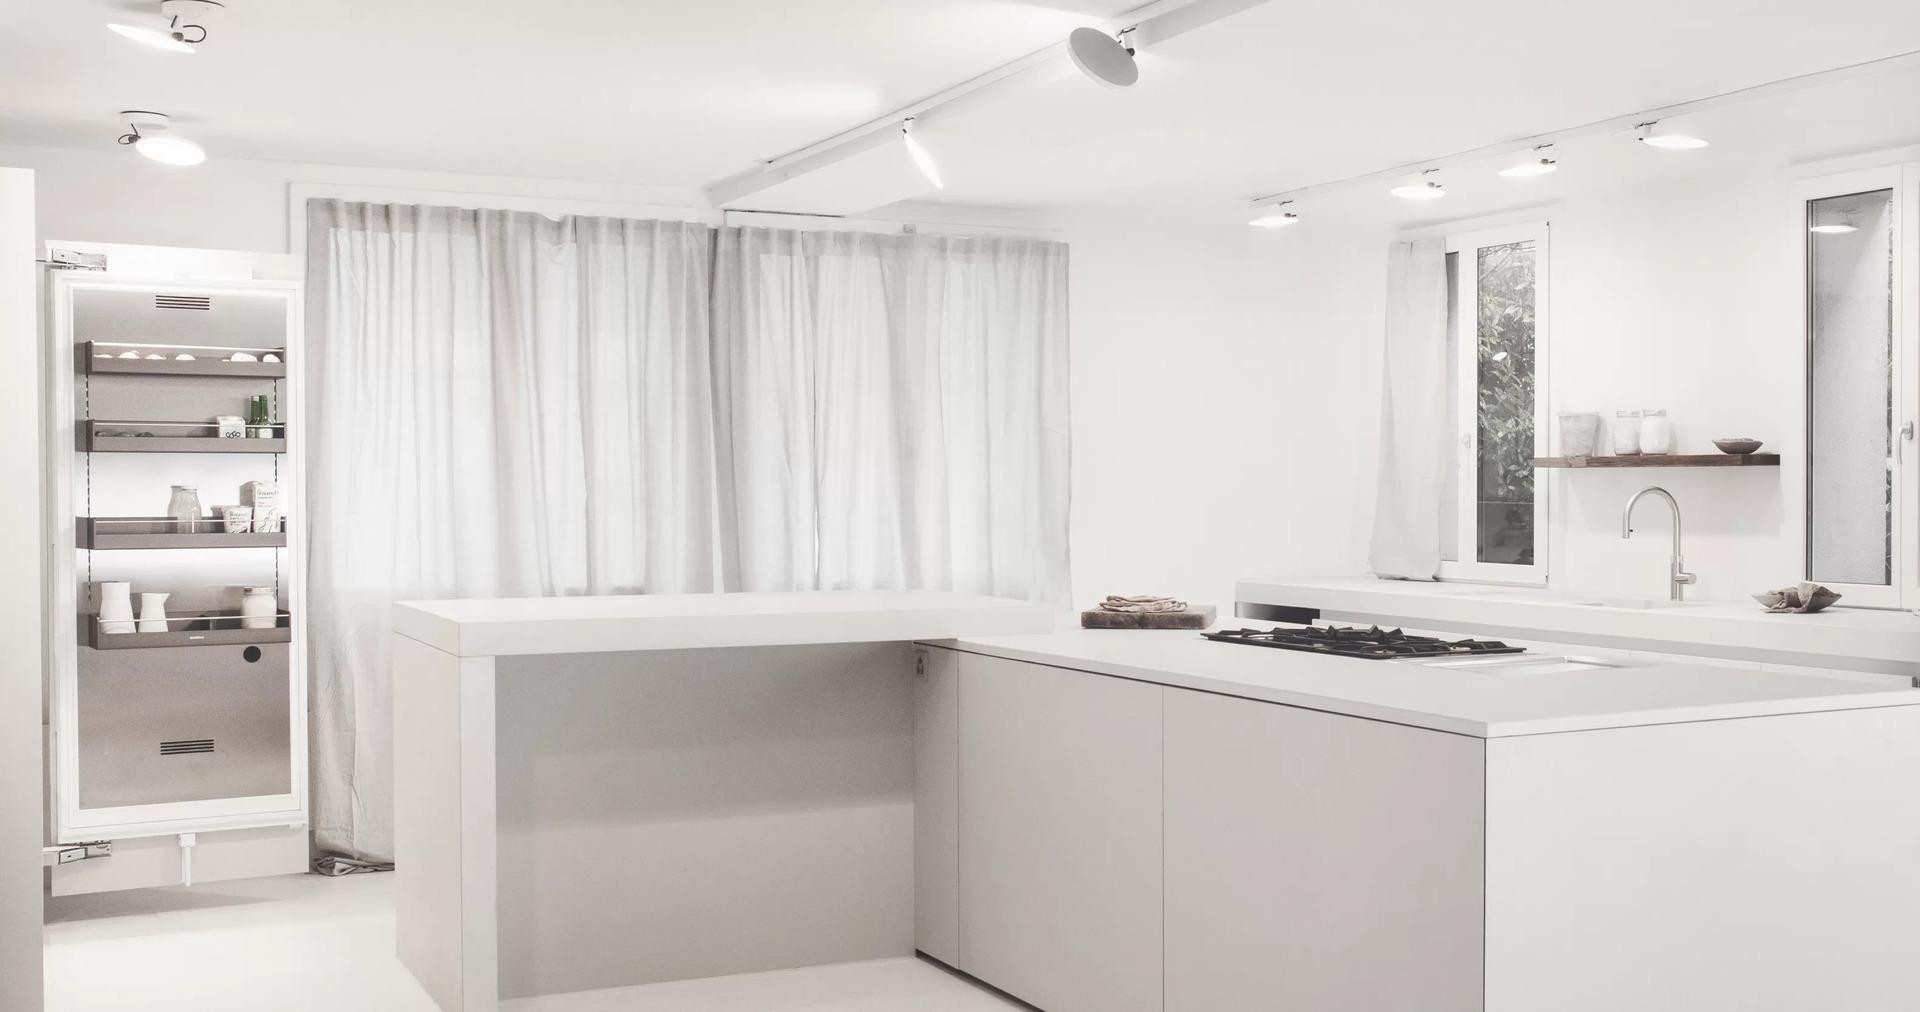 Auch die Innenseiten der Schranktüren können als Stauraum genutzt werden.